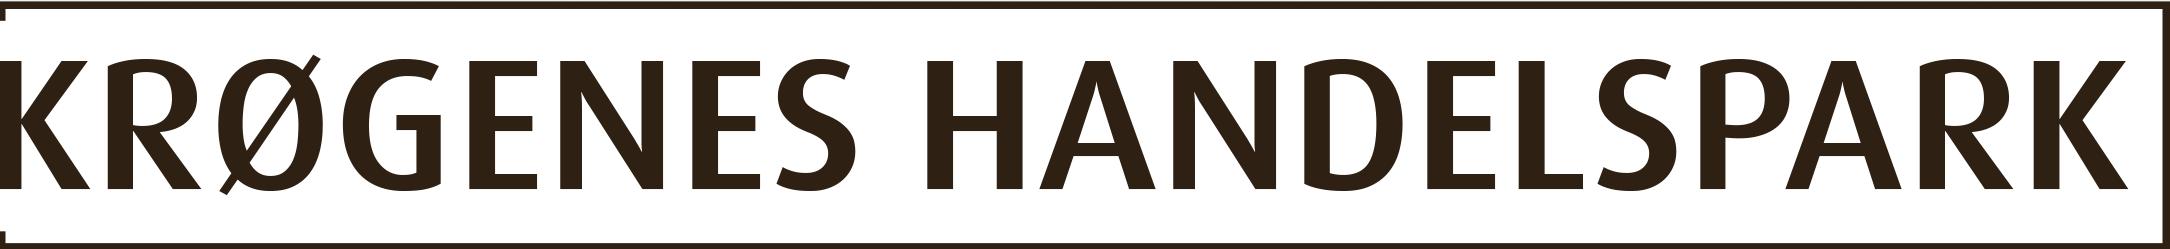 Krøgenes Handelspark